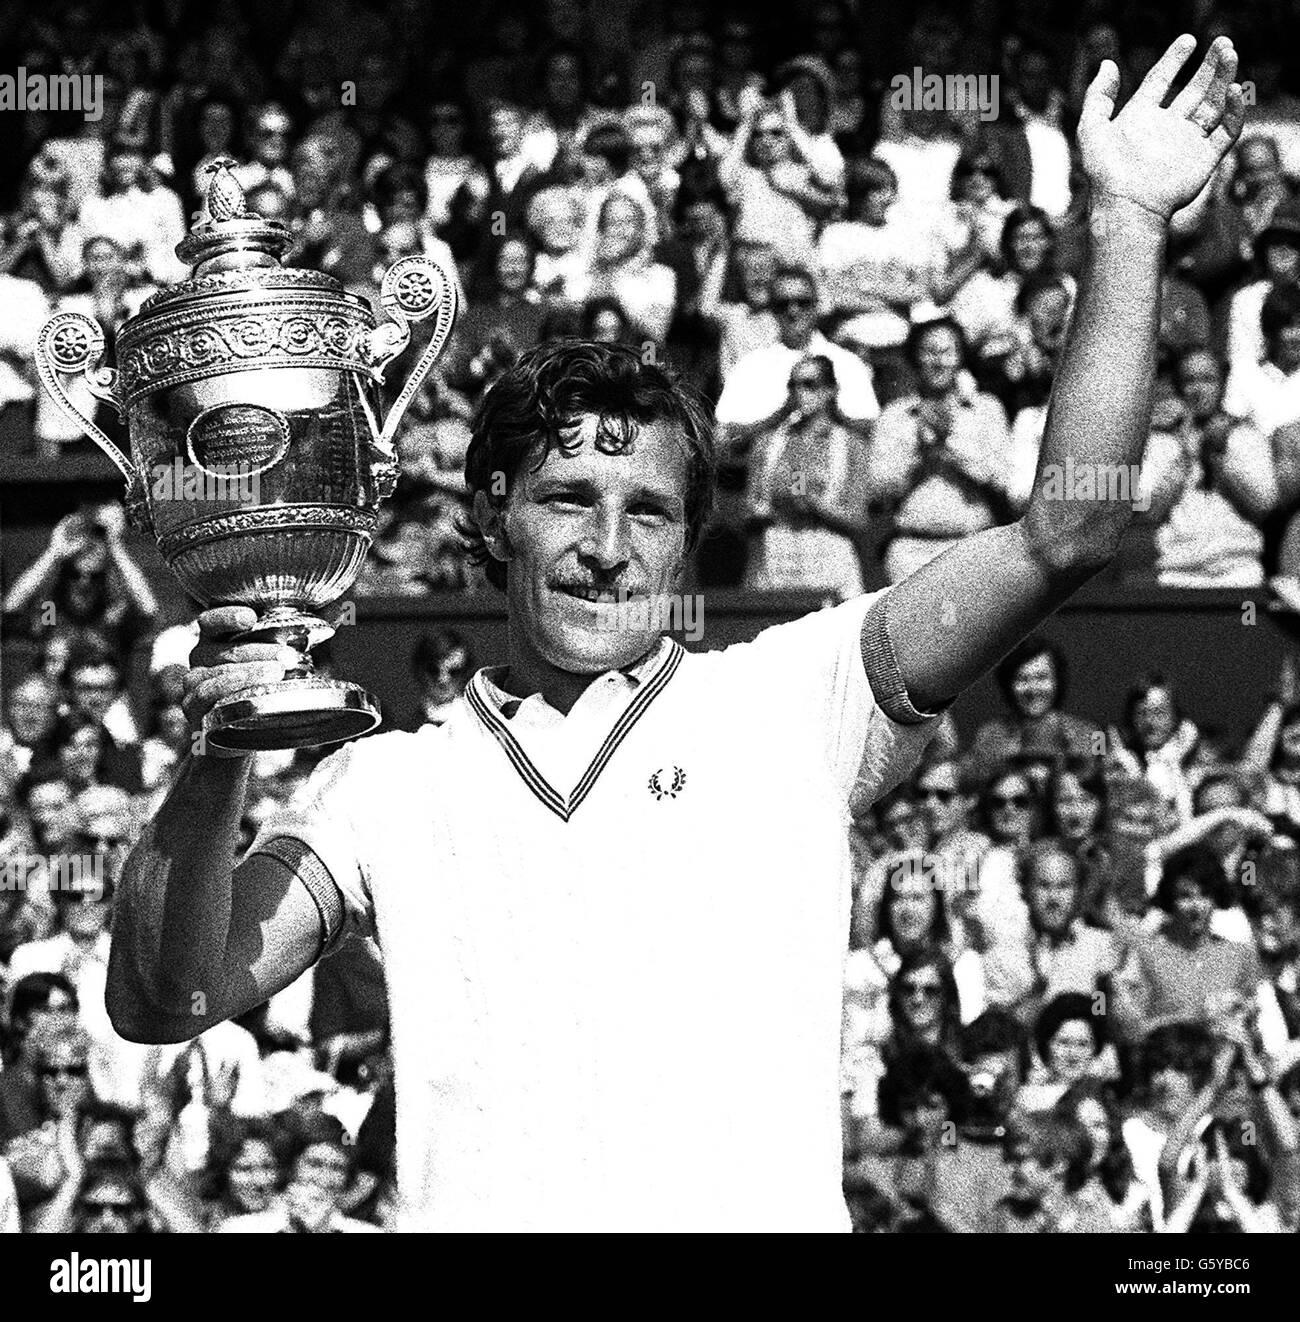 Kodes wins at Wimbledon - Stock Image